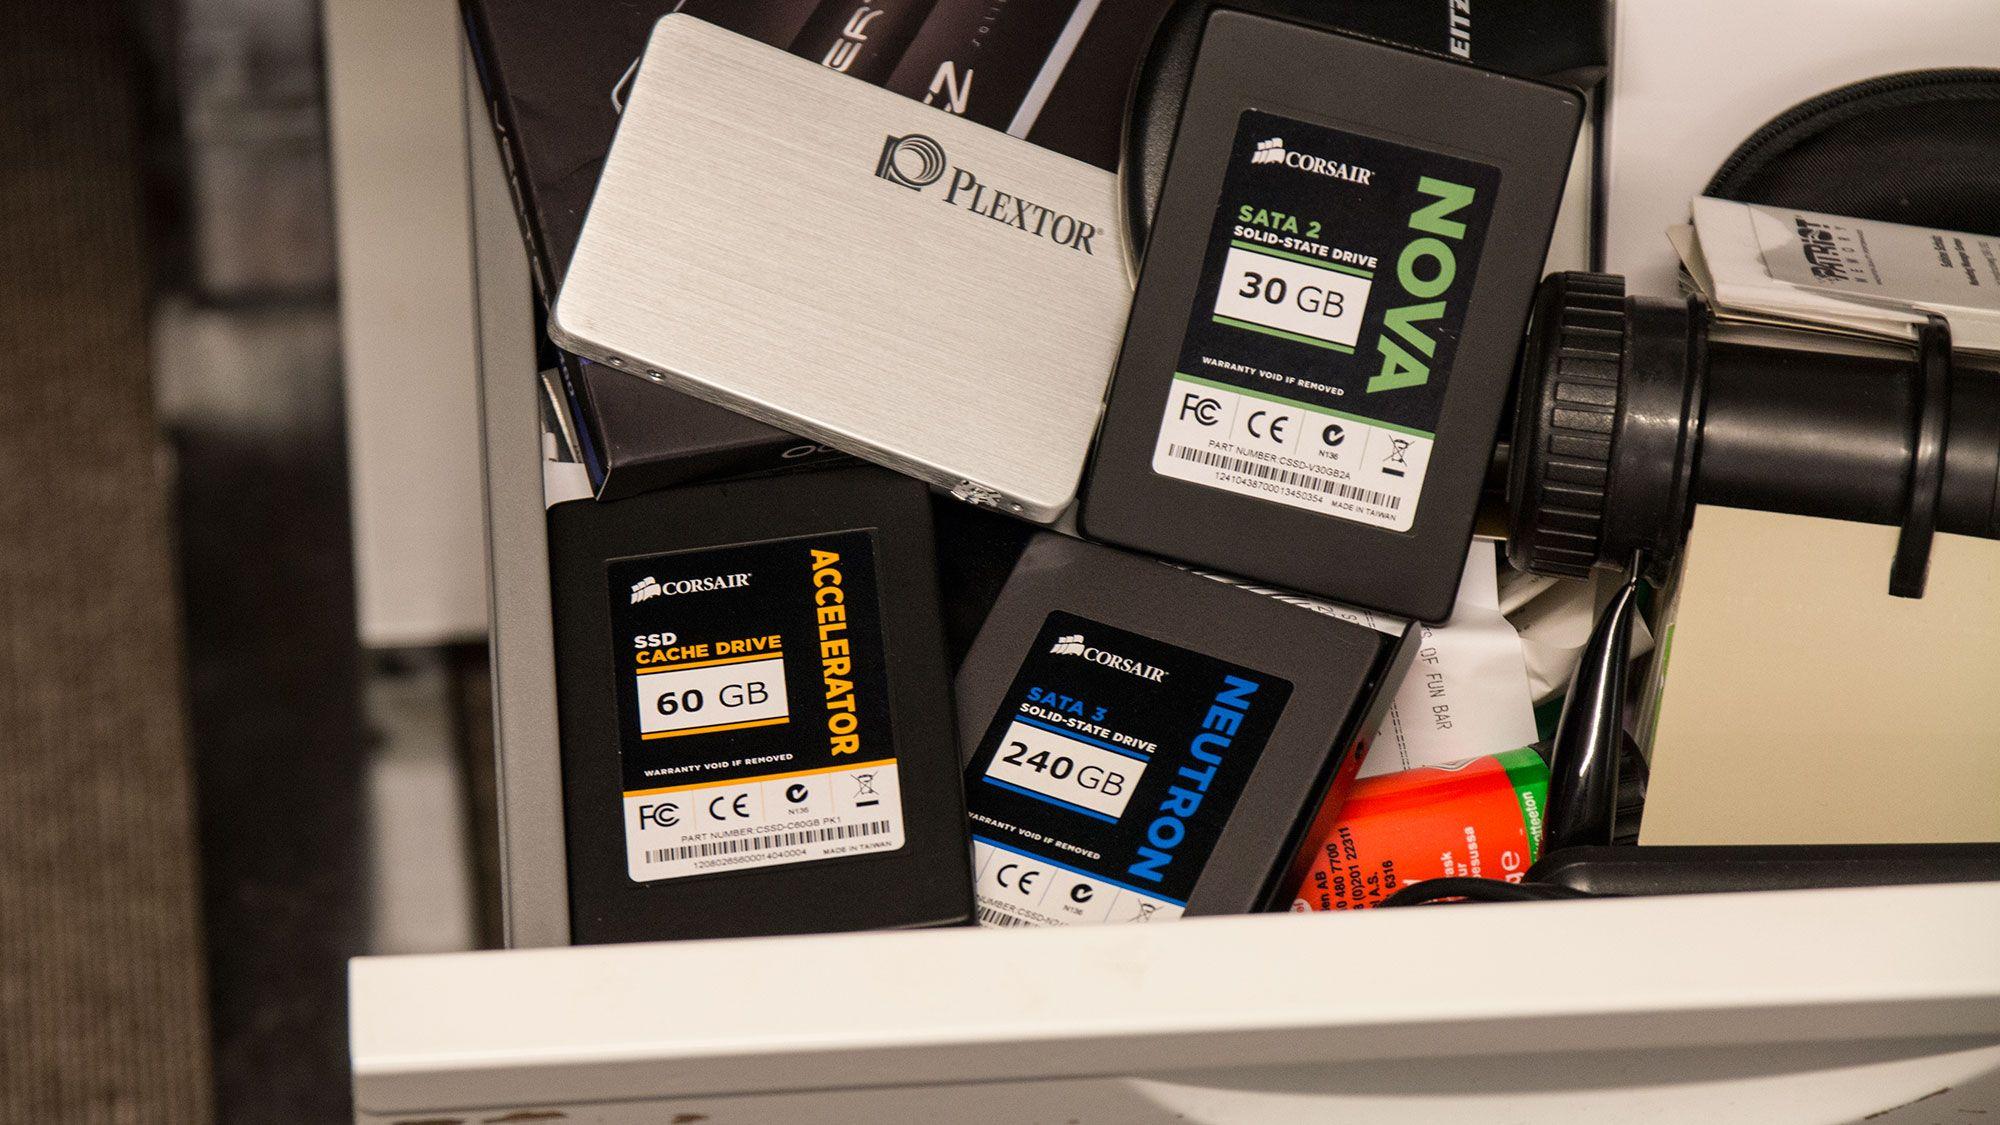 Gjør du dette, kan du miste alle filene på SSD-en din